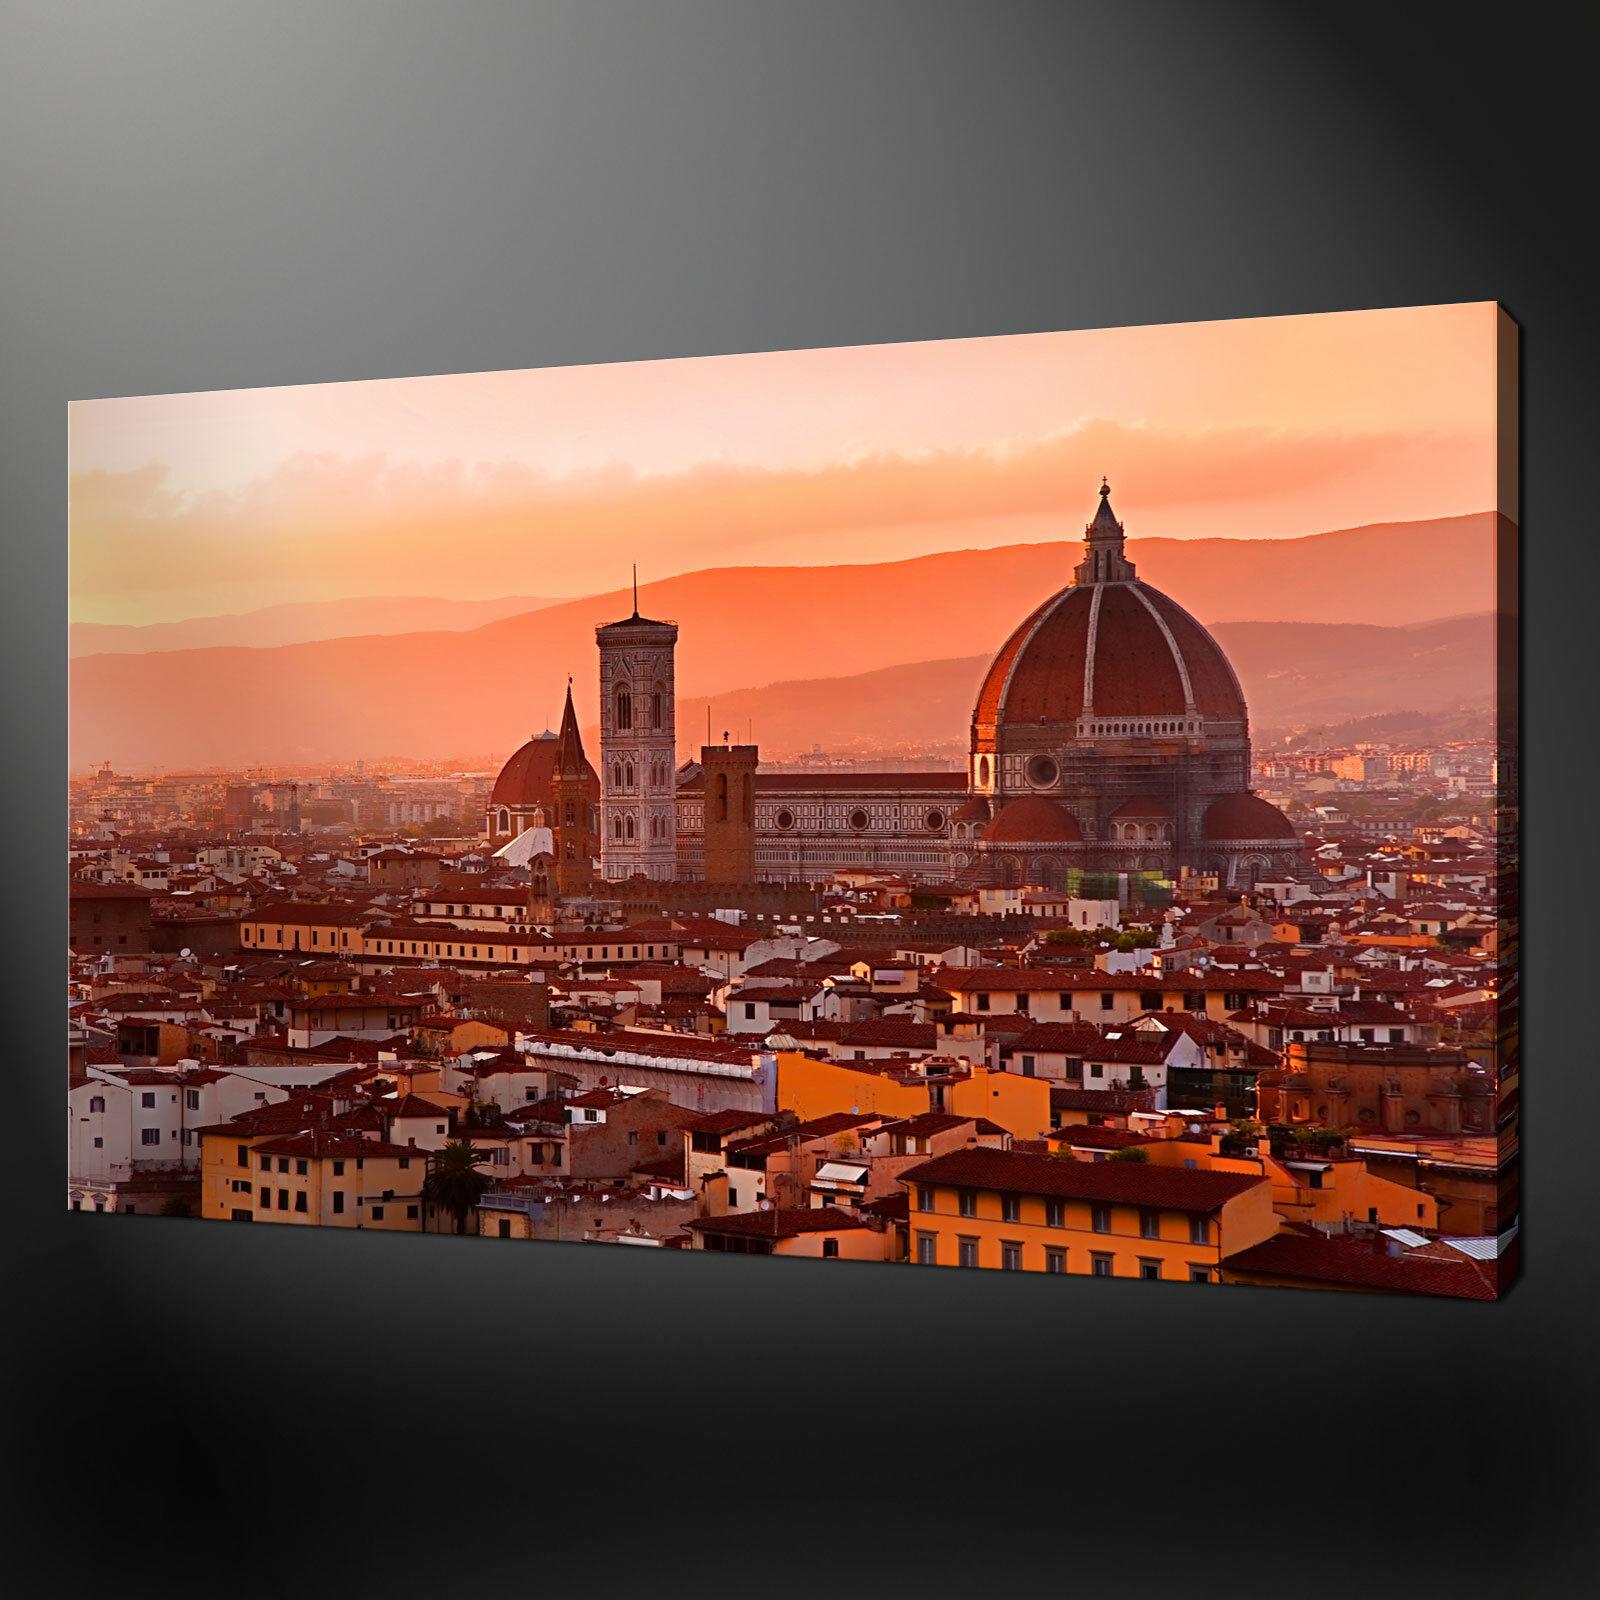 FIRENZE ITALIA Cityscape Foto Su Tela Stampa Muro, libero veloce UK Consegna